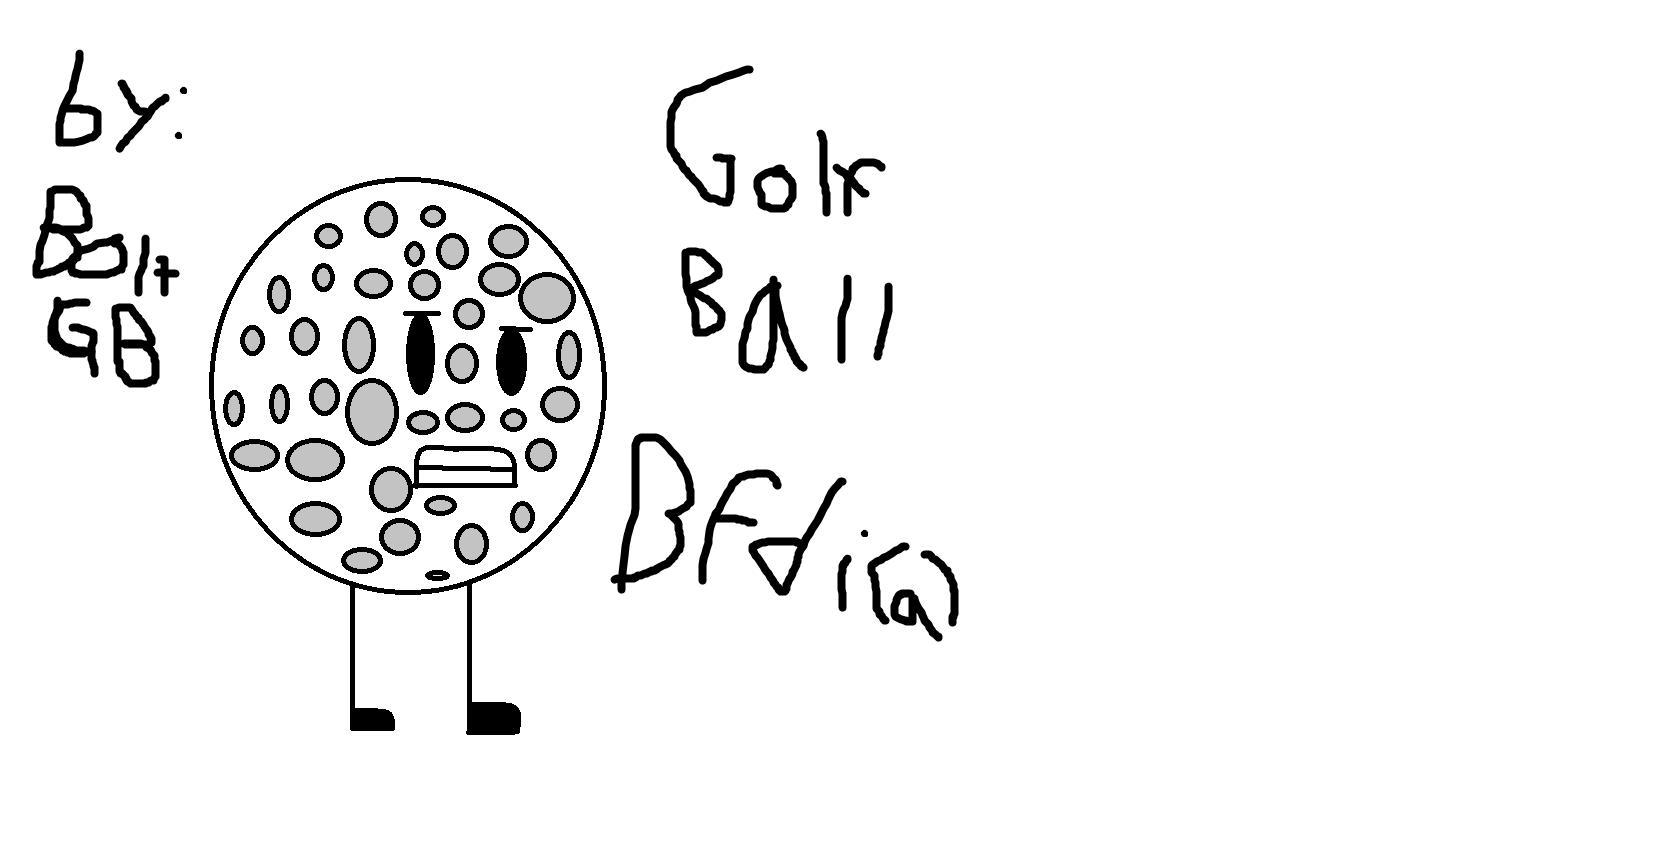 gonlfball(bfdi(a)